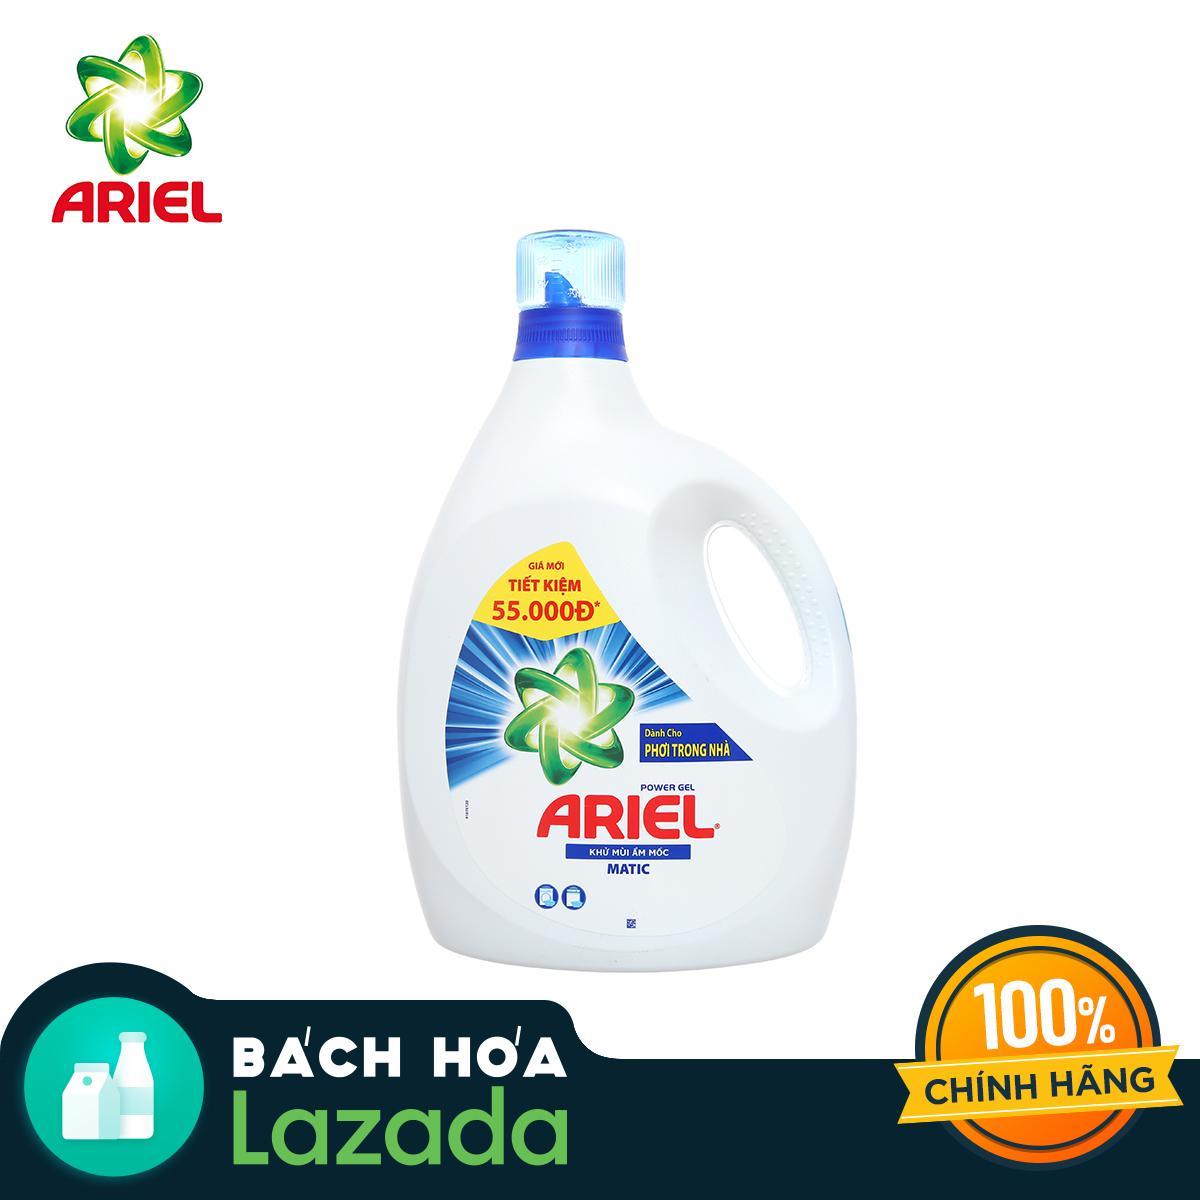 Nước Giặt Ariel Khử Mùi 3.4kg